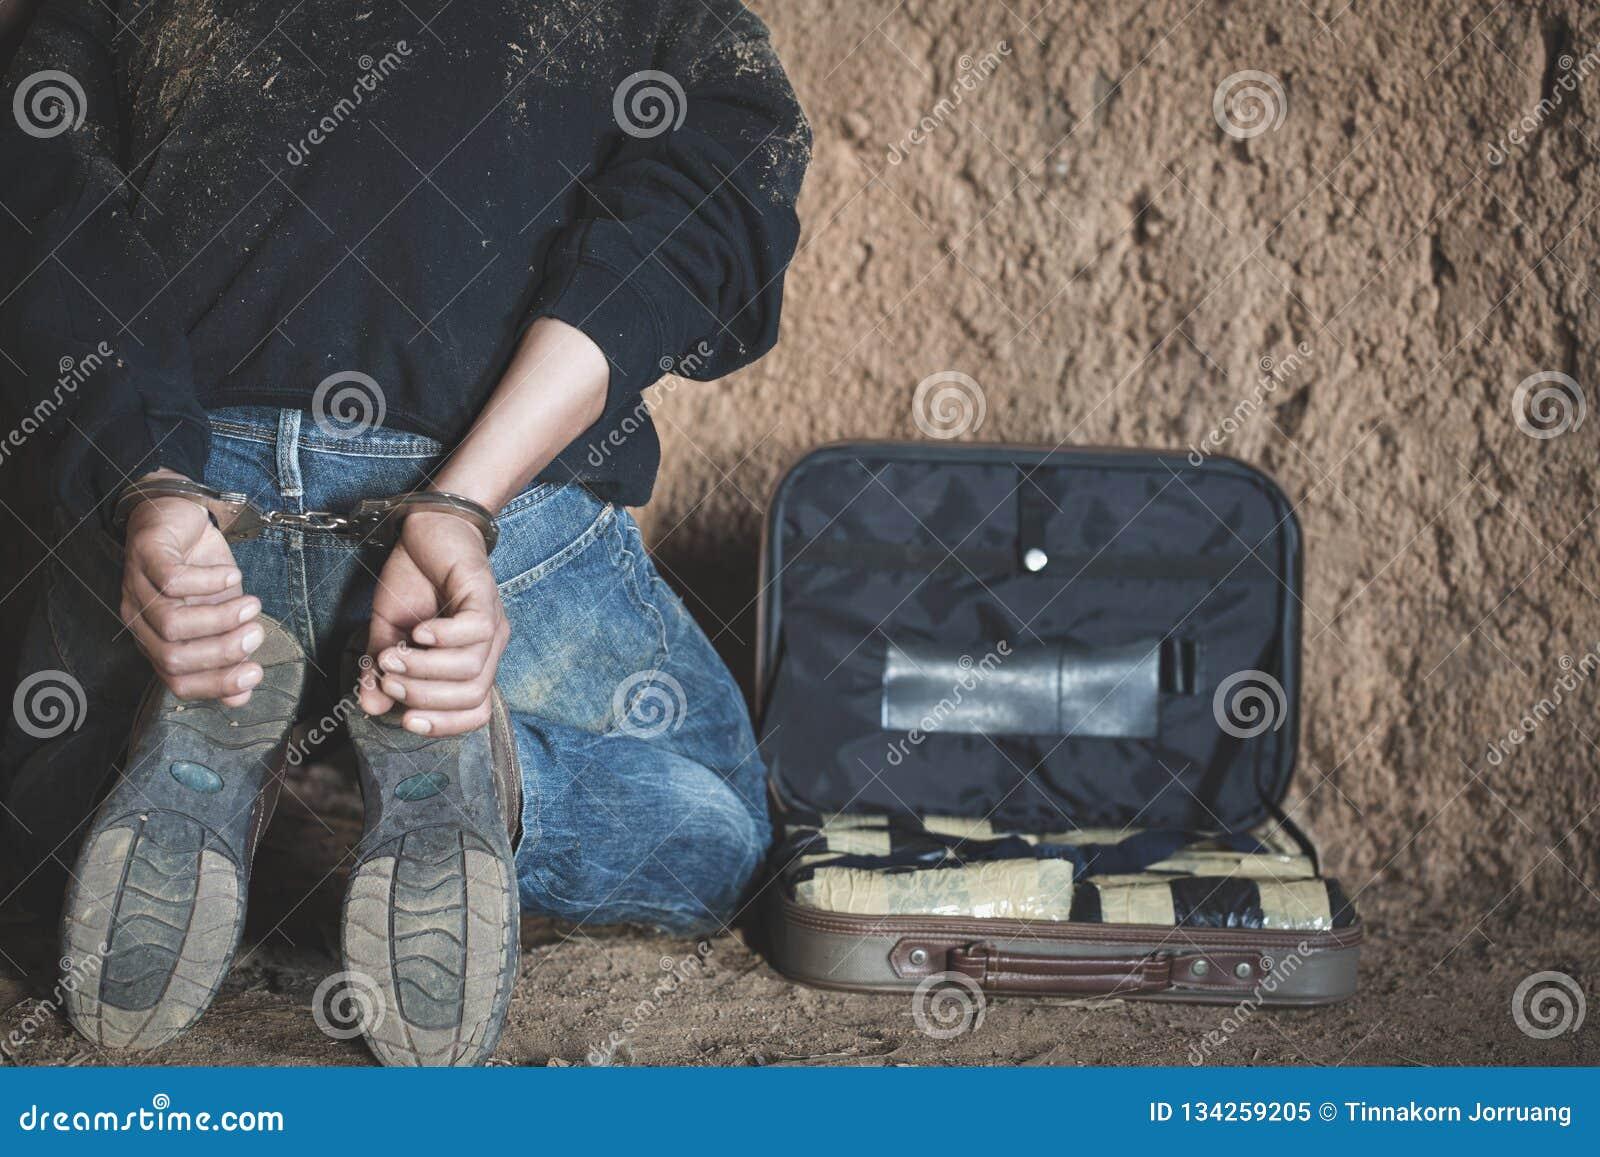 Arrestaron a los traficantes de drogas junto con su heroína La policía arresta al traficante de drogas con las esposas Concepto d